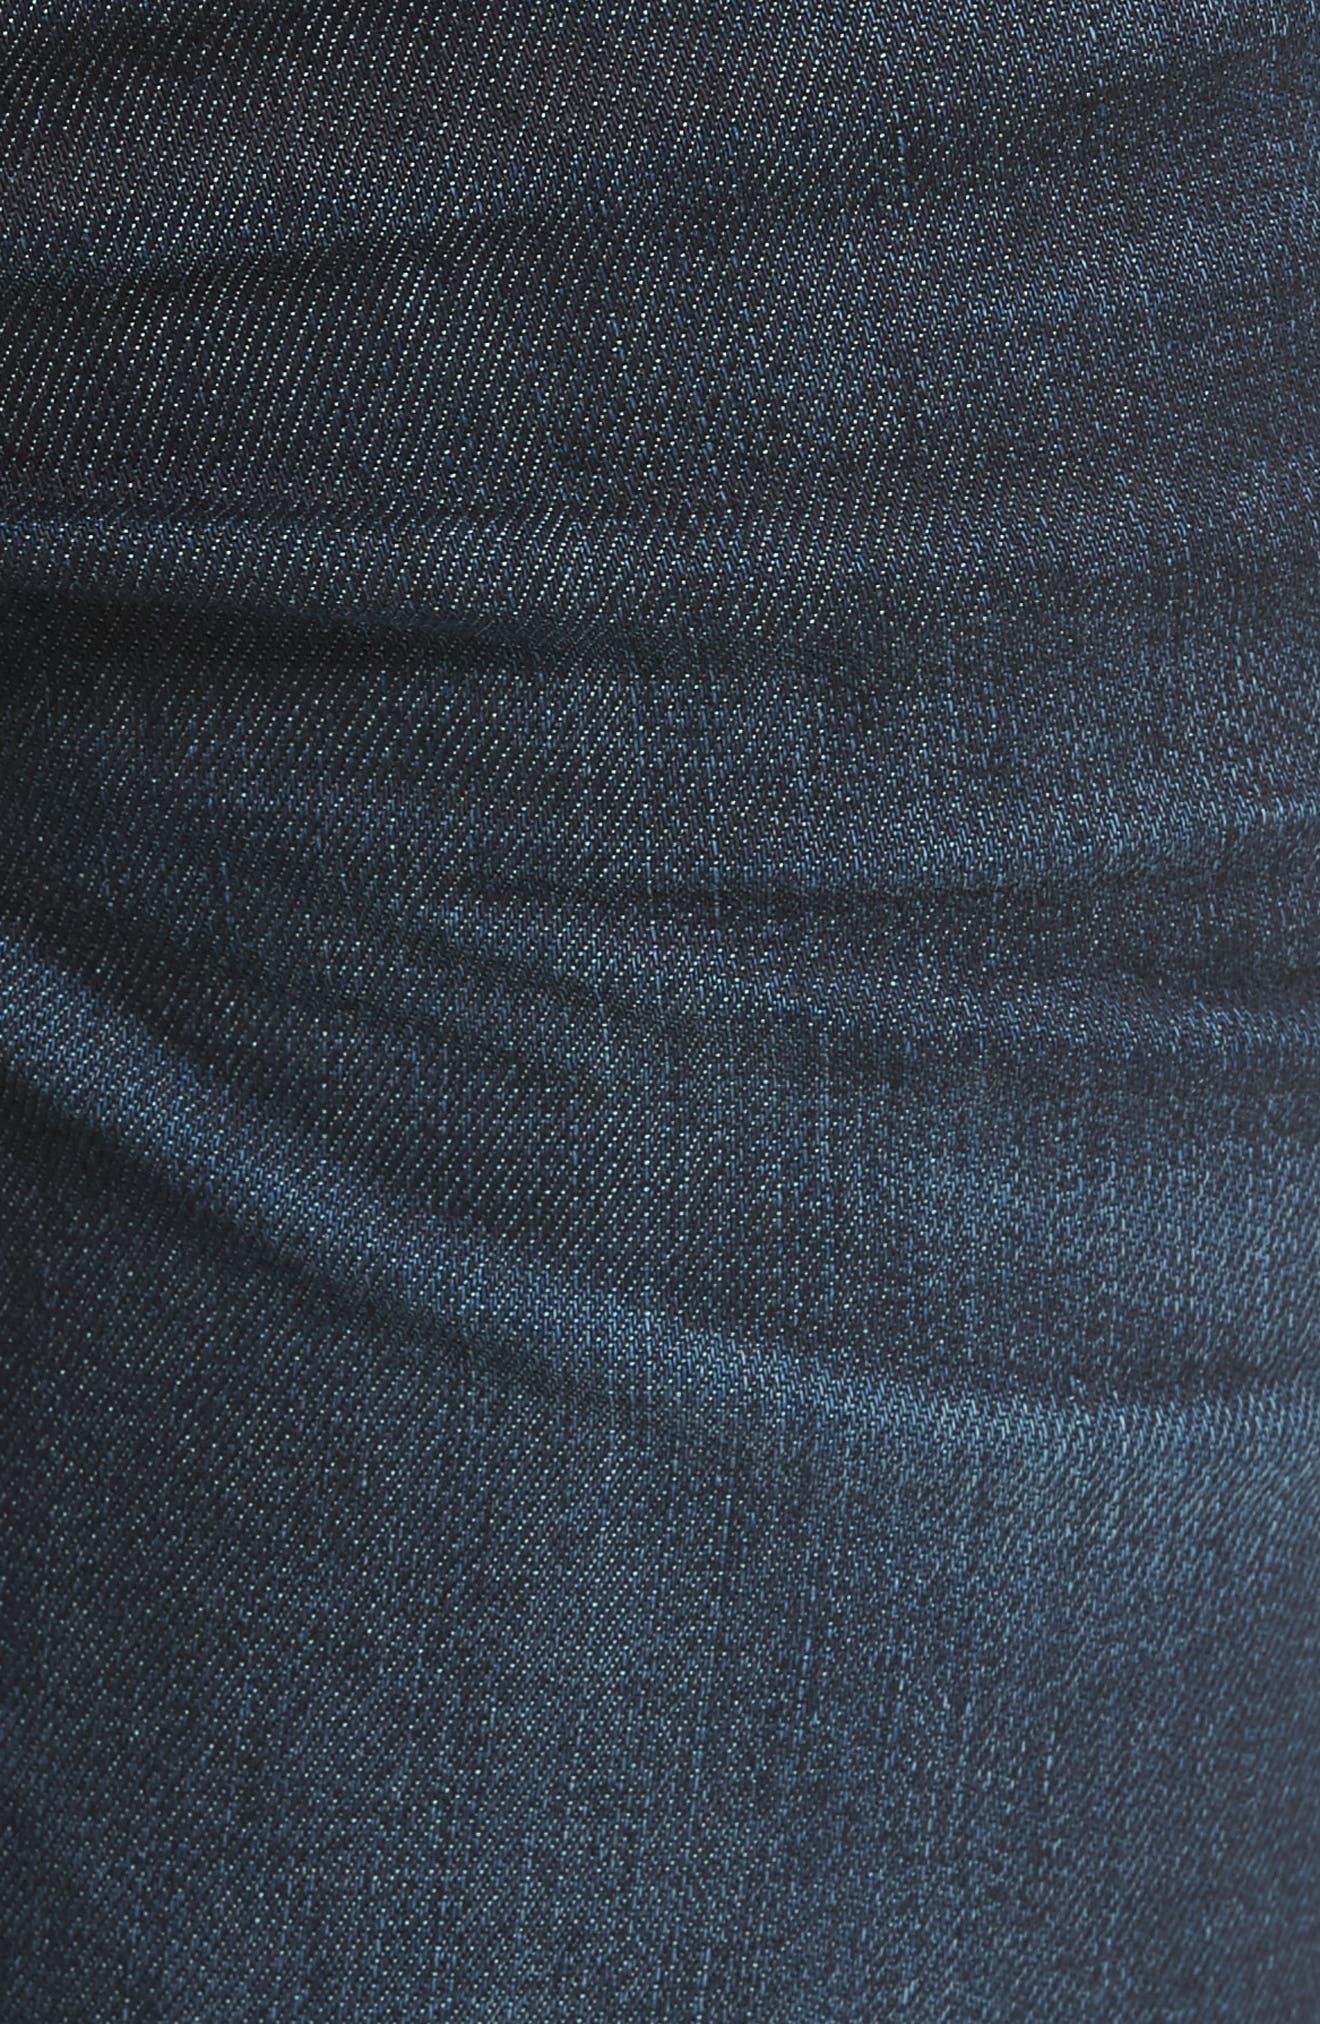 Brixton Slim Straight Leg Jeans,                             Alternate thumbnail 5, color,                             Guest